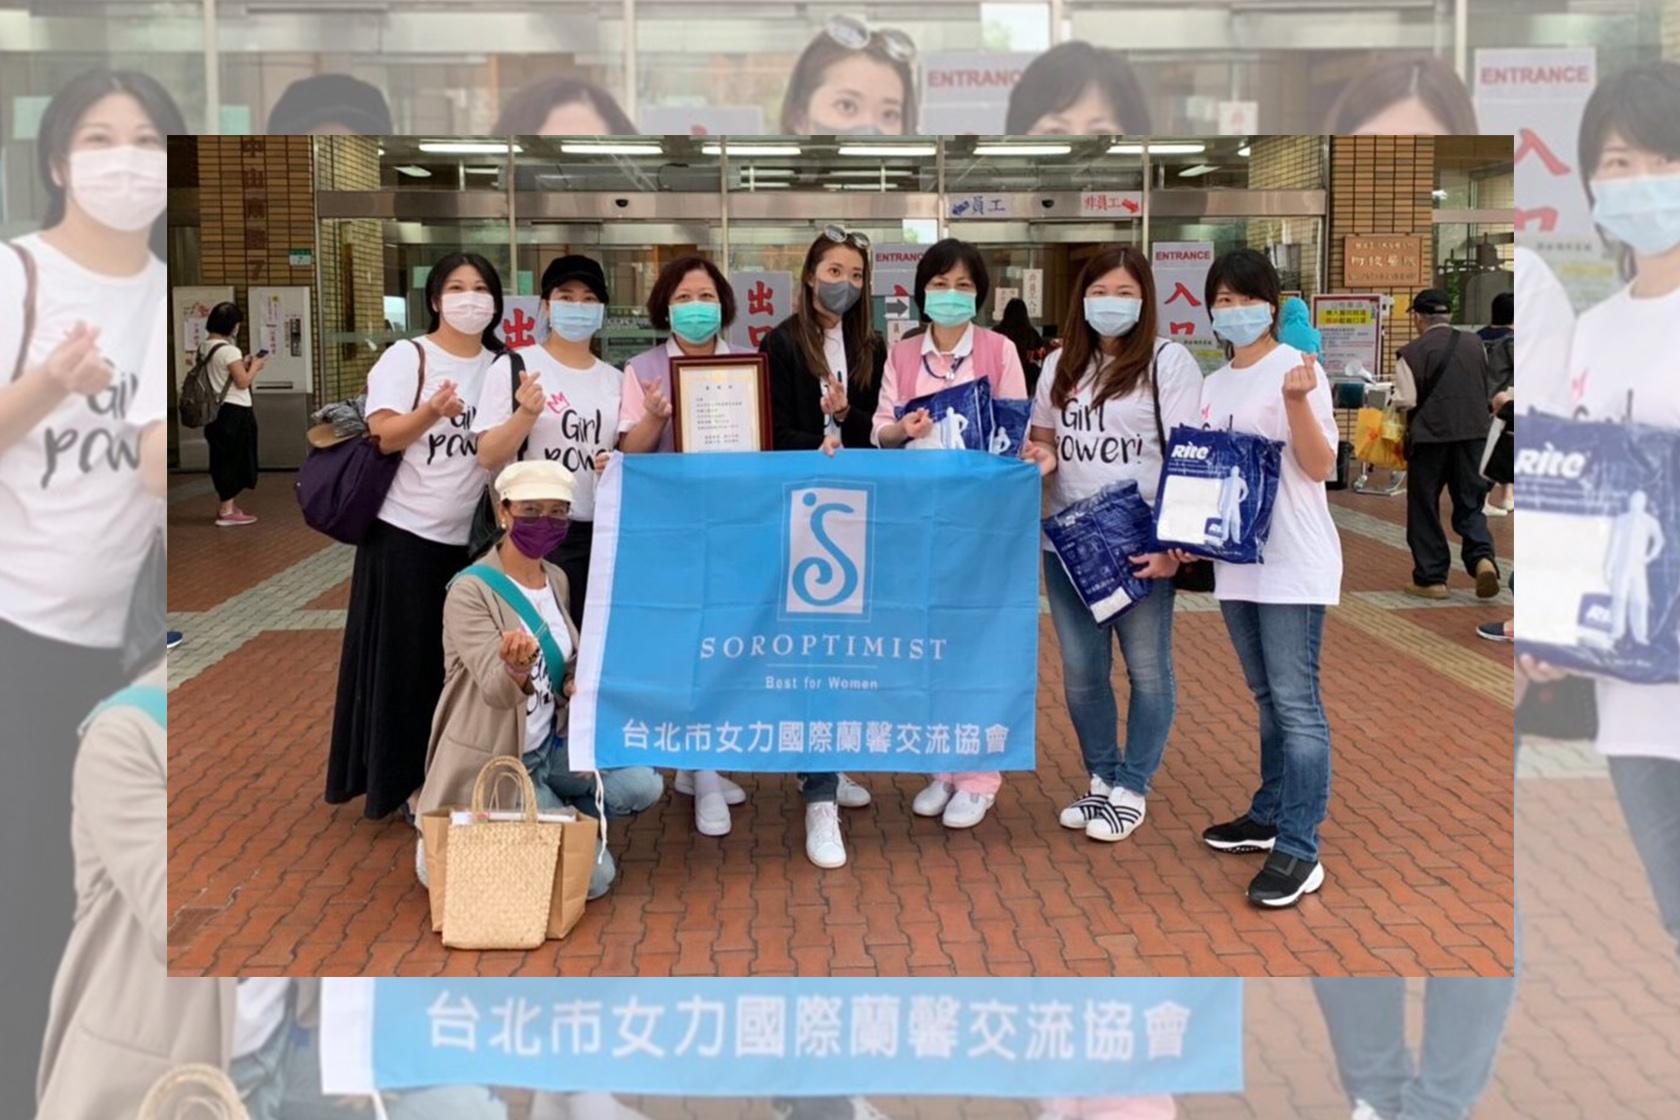 防疫獻愛心! 台北市女力國際蘭馨協會捐贈千件高規格防護衣